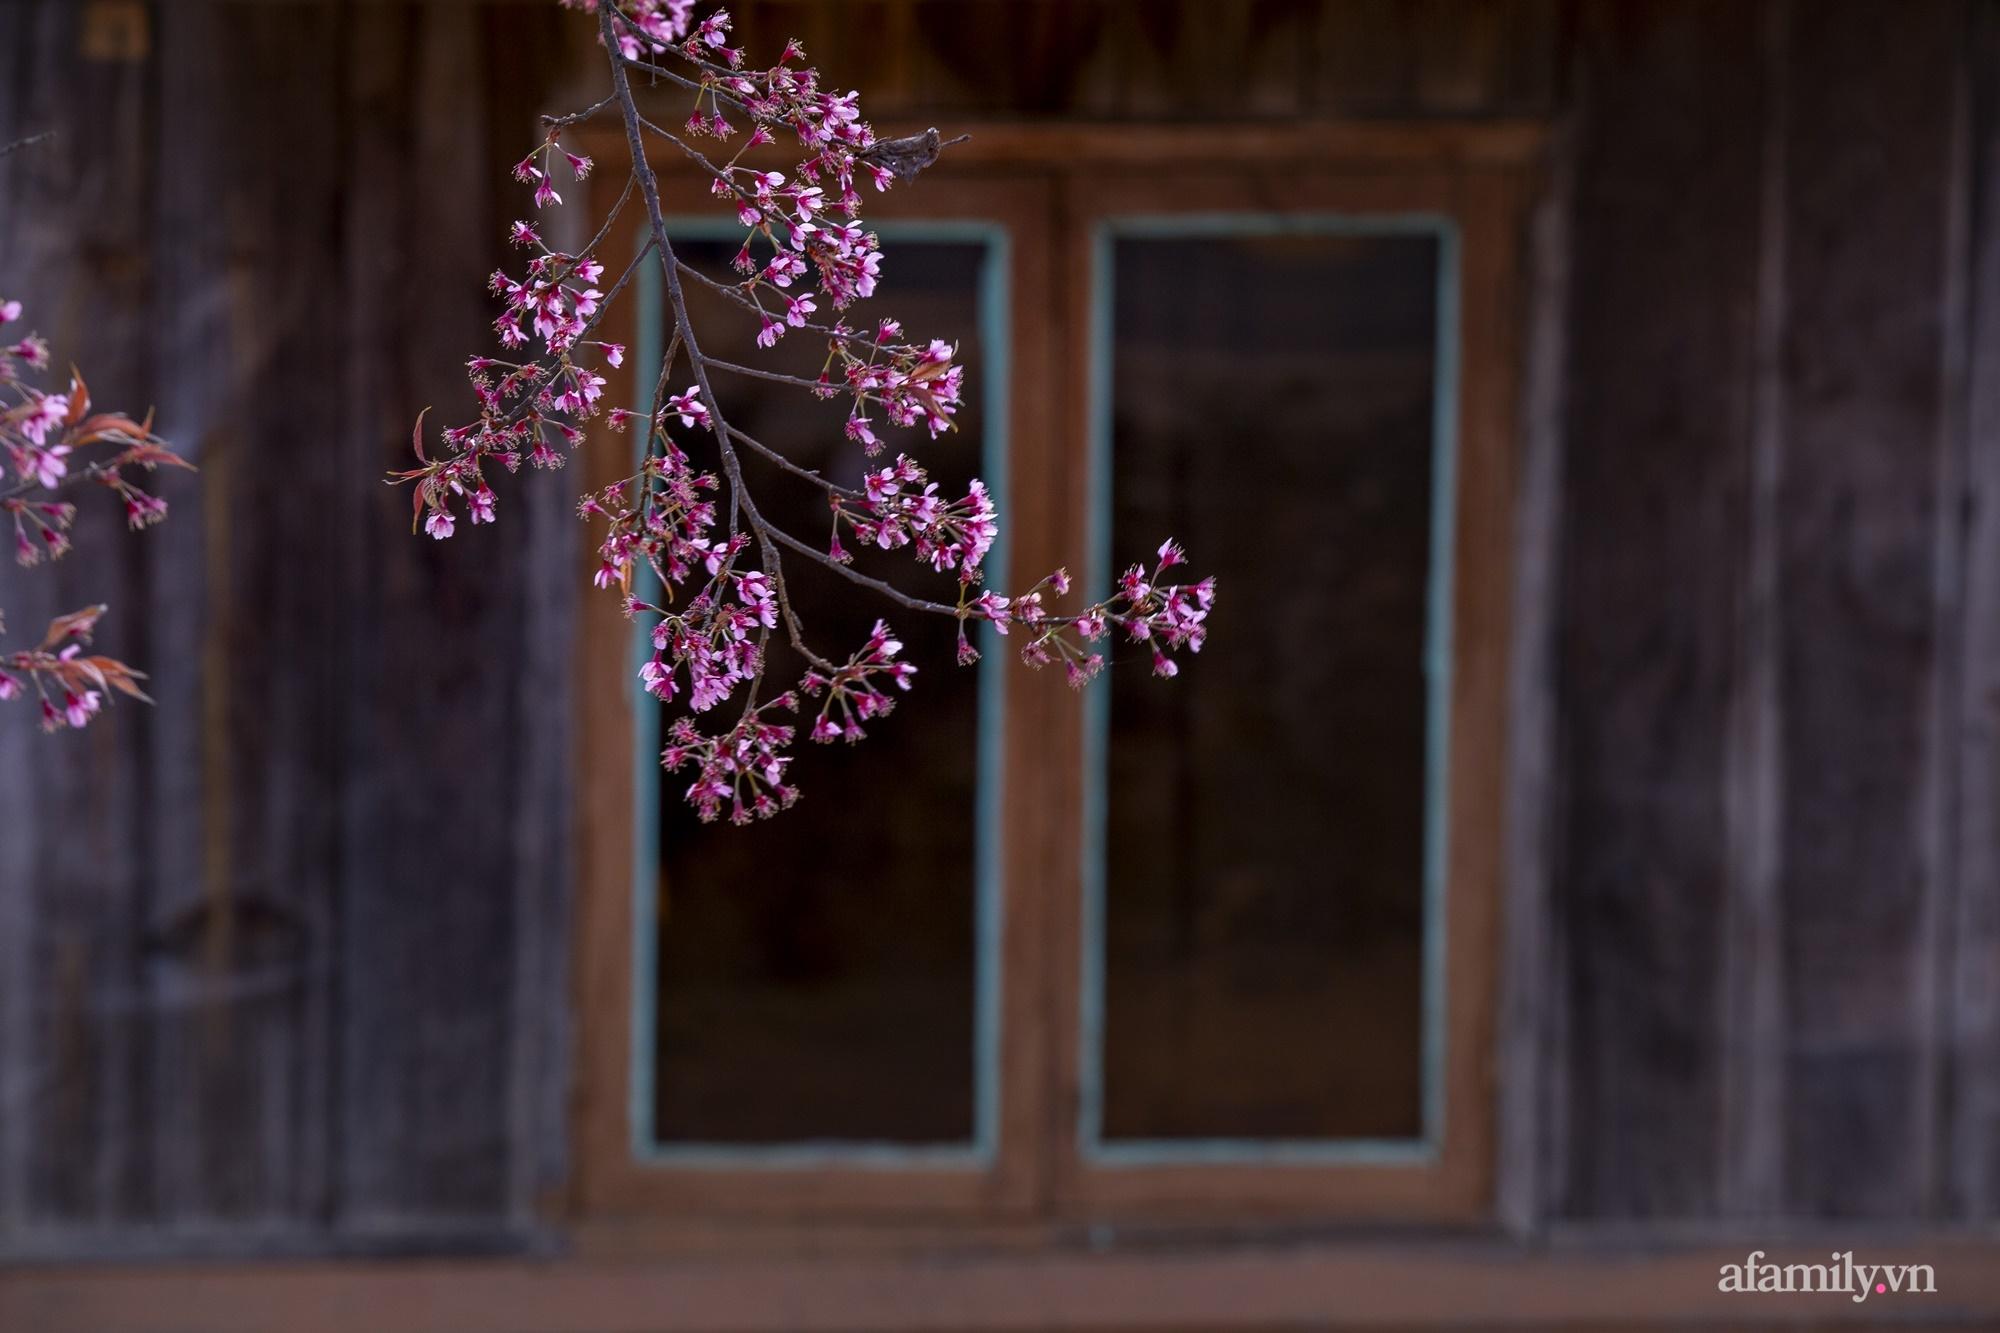 Ngắm hoa mai anh đào nở rợp trời ở ngôi làng đẹp lạ như Tây Tạng, nằm ngay gần trung tâm TP. Đà Lạt mà không phải ai cũng biết - Ảnh 12.